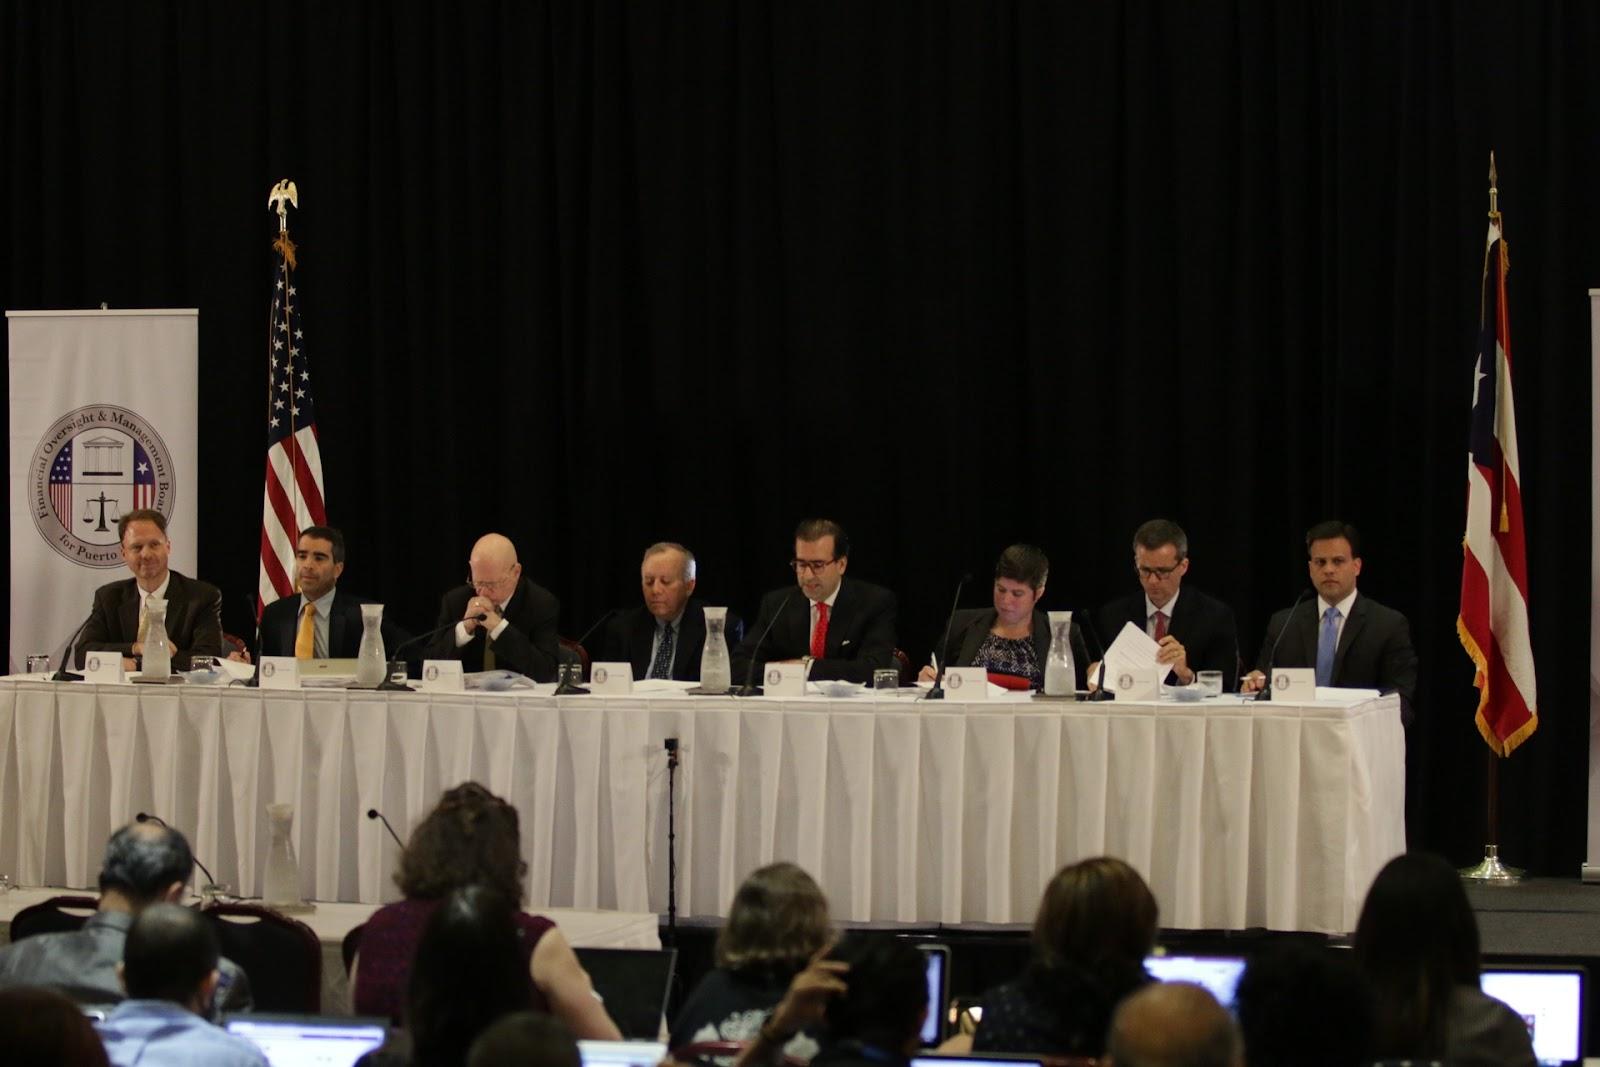 Fiscal Oversight & Management Board (Juan J. Rodríguez/CB)